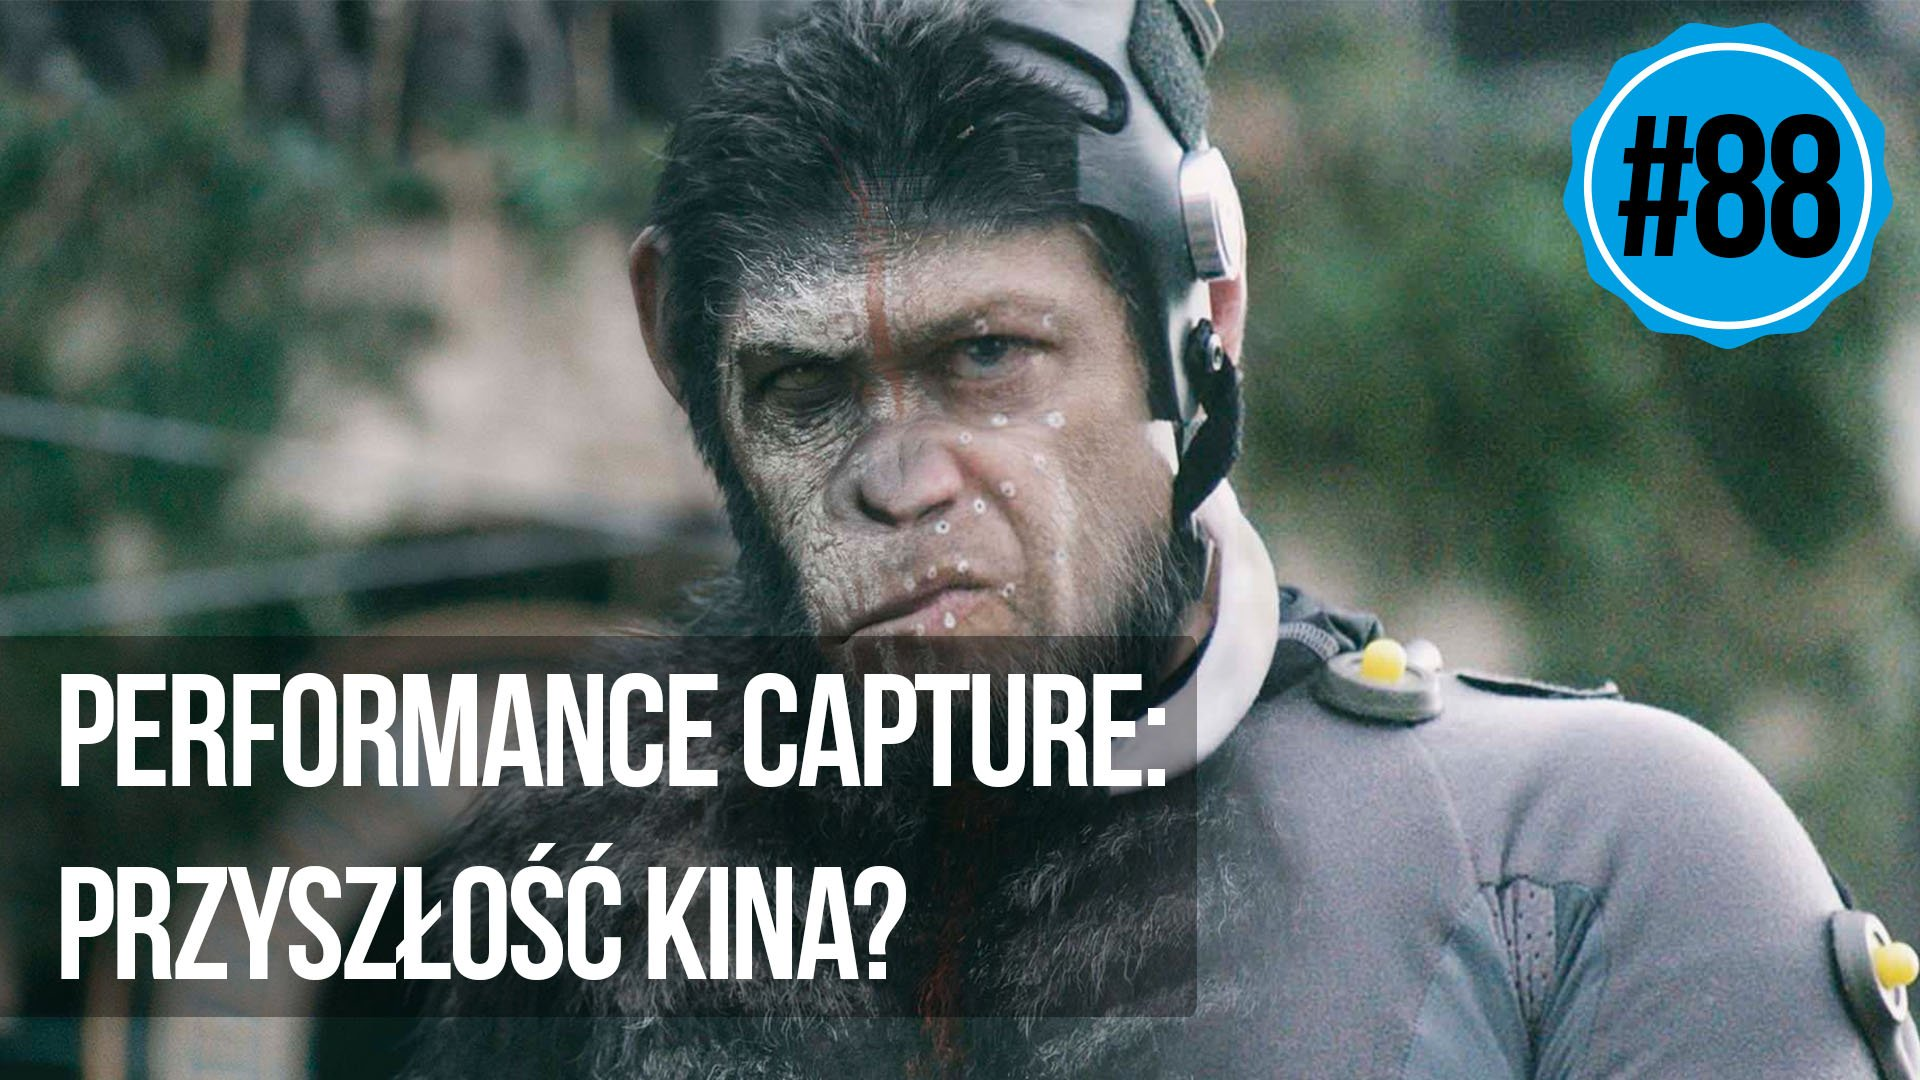 naEKRANACH #88 – Performance capture: Przyszłość kina?